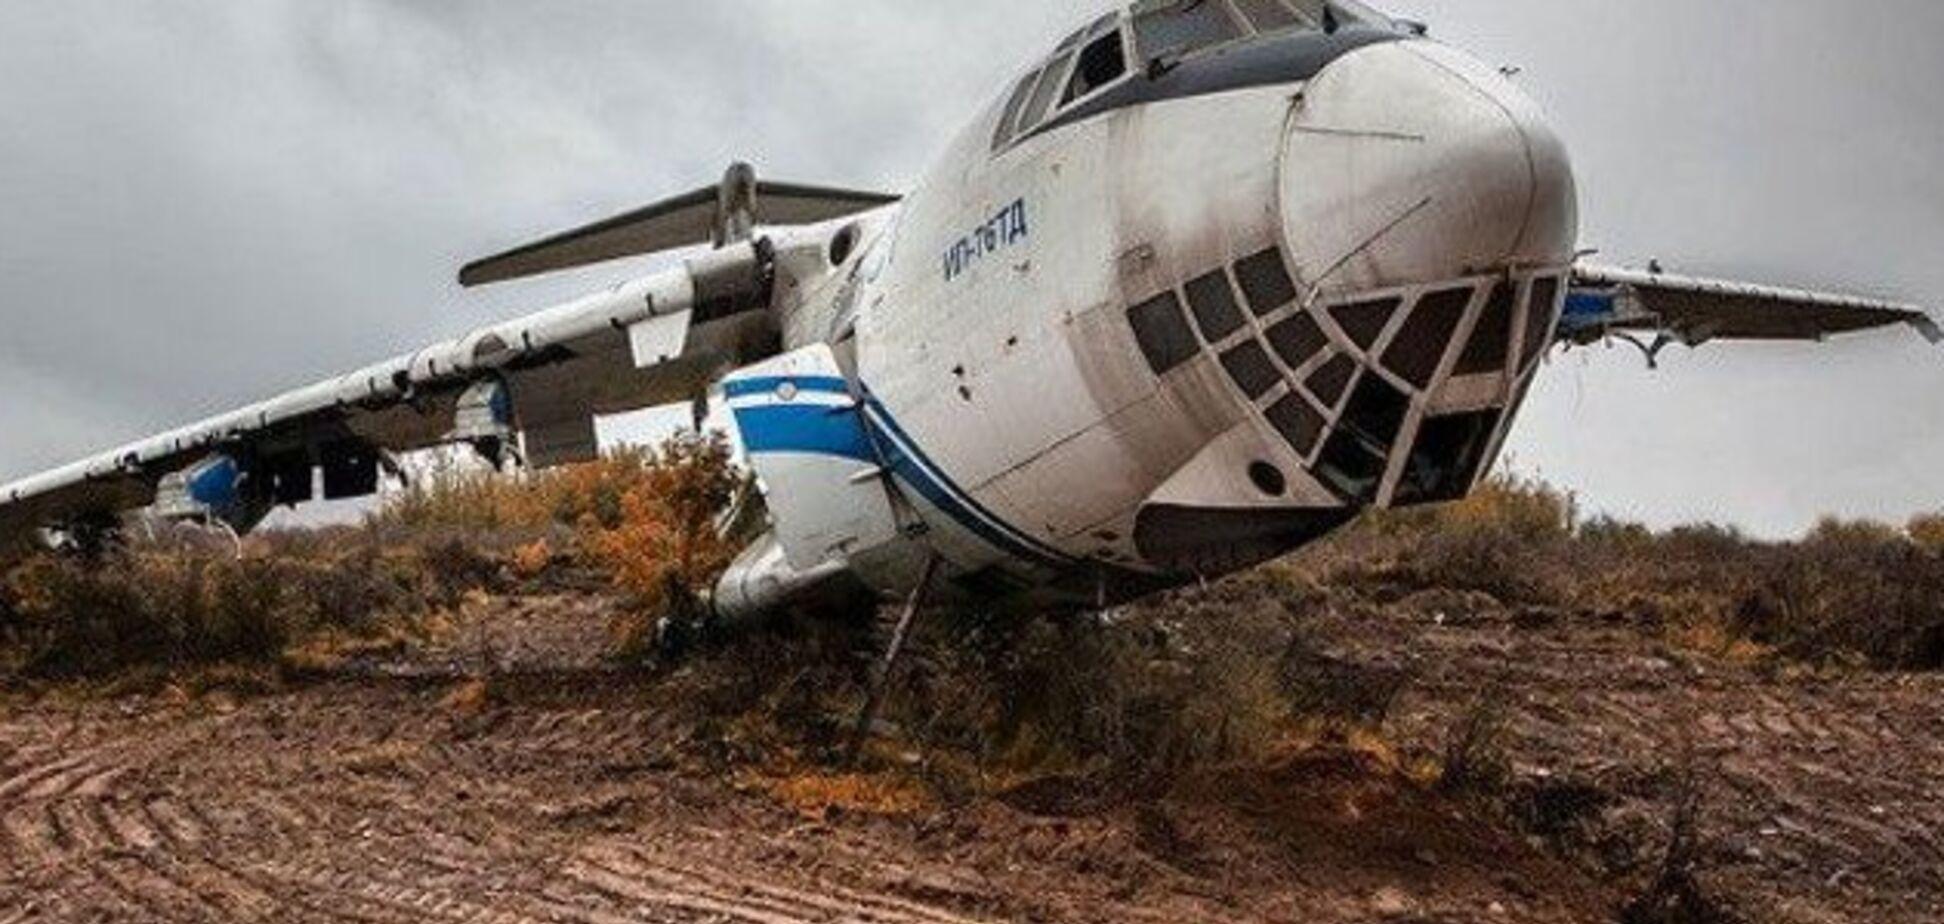 Крушение ИЛ-76 над Луганском: СБУ доказала вину Кремля